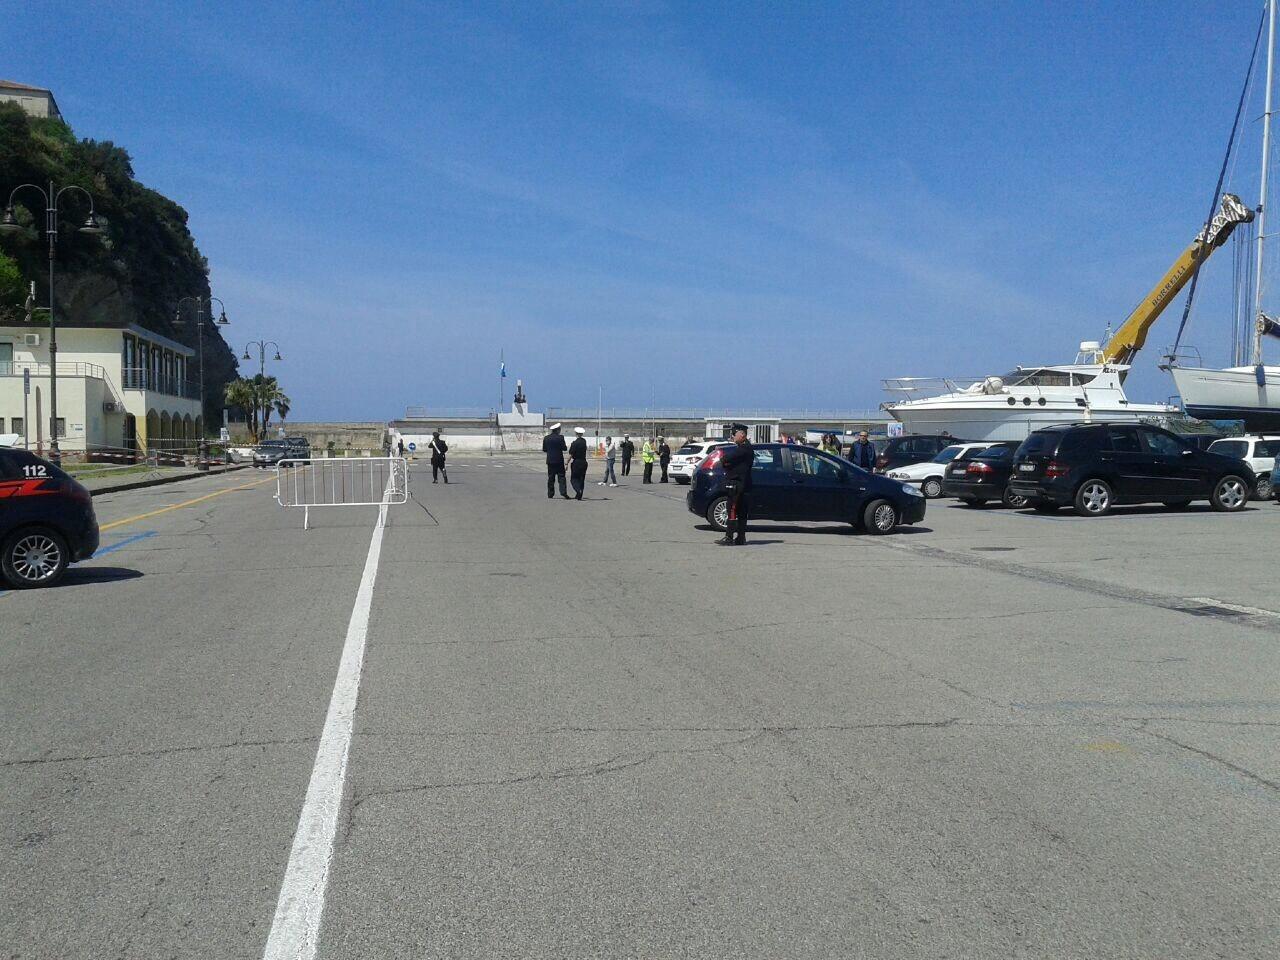 Residuato bellico al porto di Agropoli, si aspettano gli artificieri